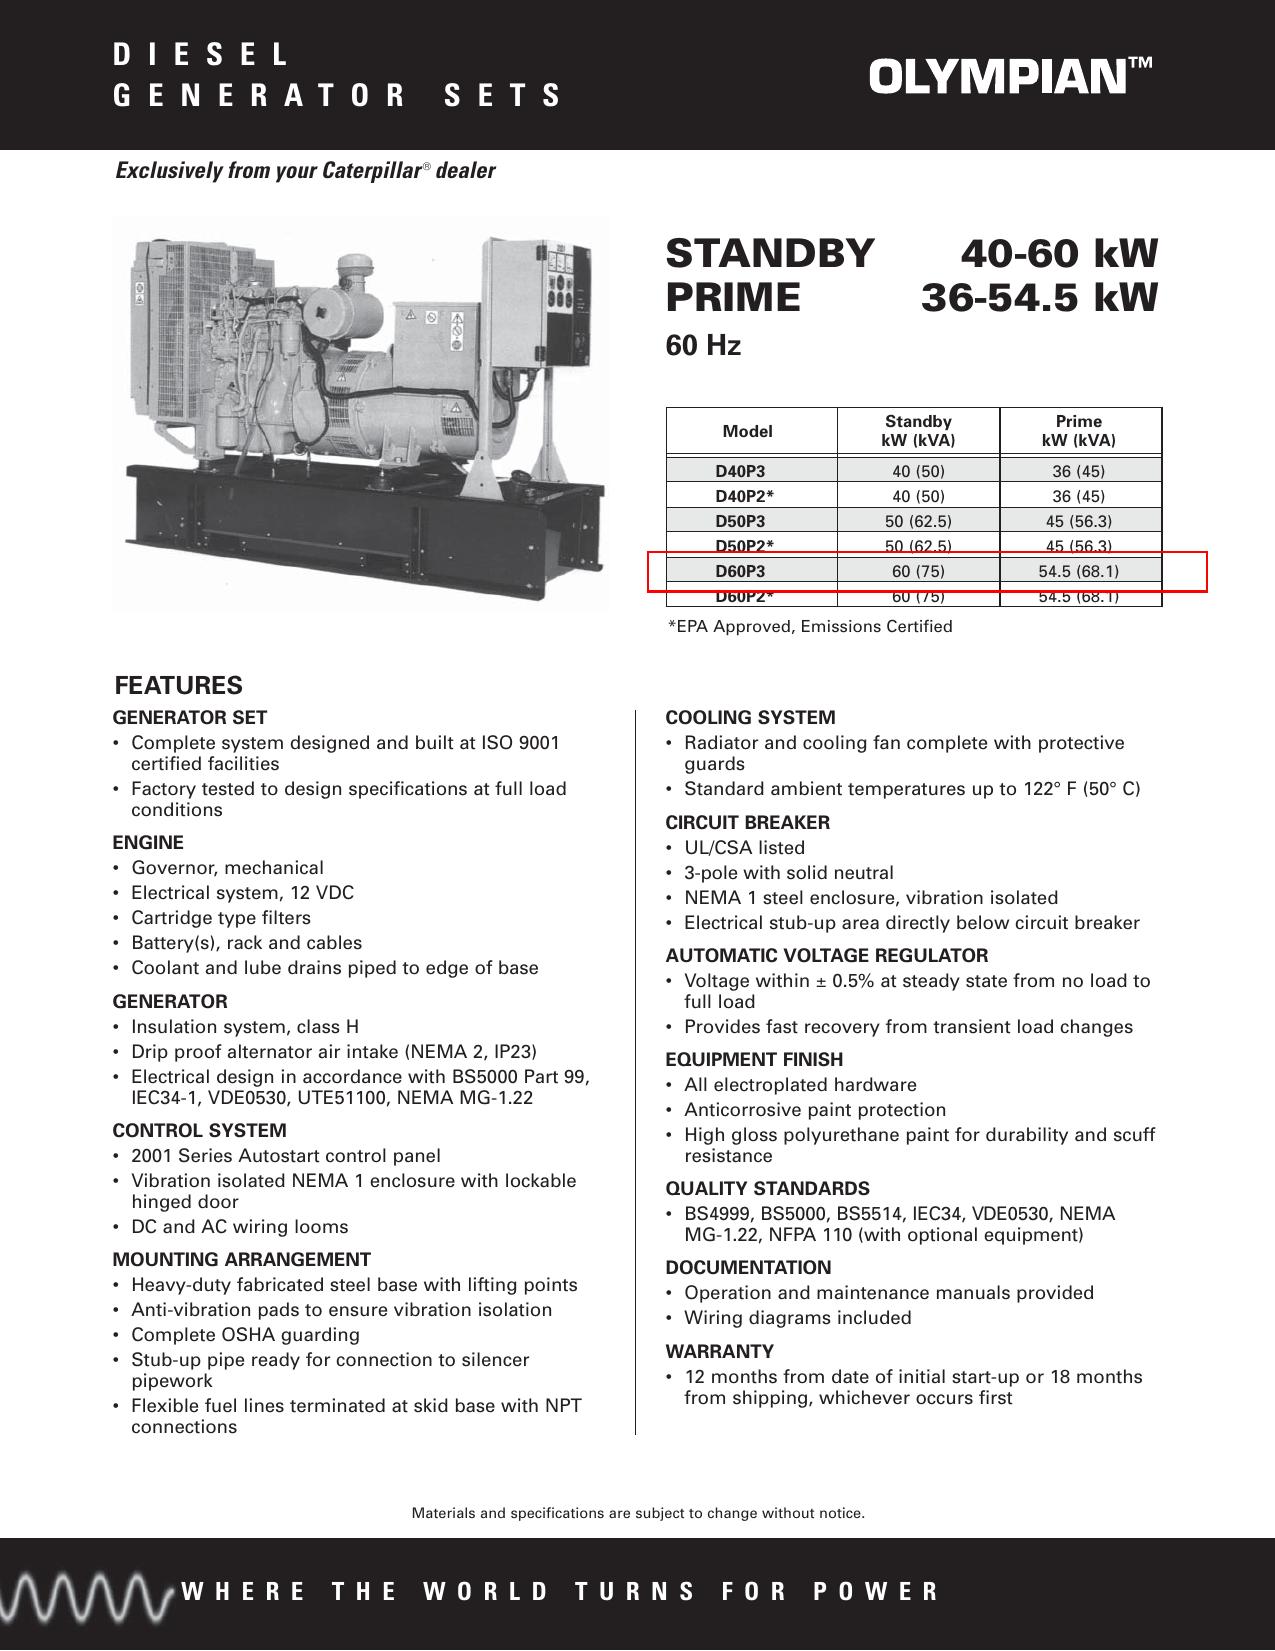 STANDBY 40-60 kW PRIME 36-54.5 kW | manualzz.com on